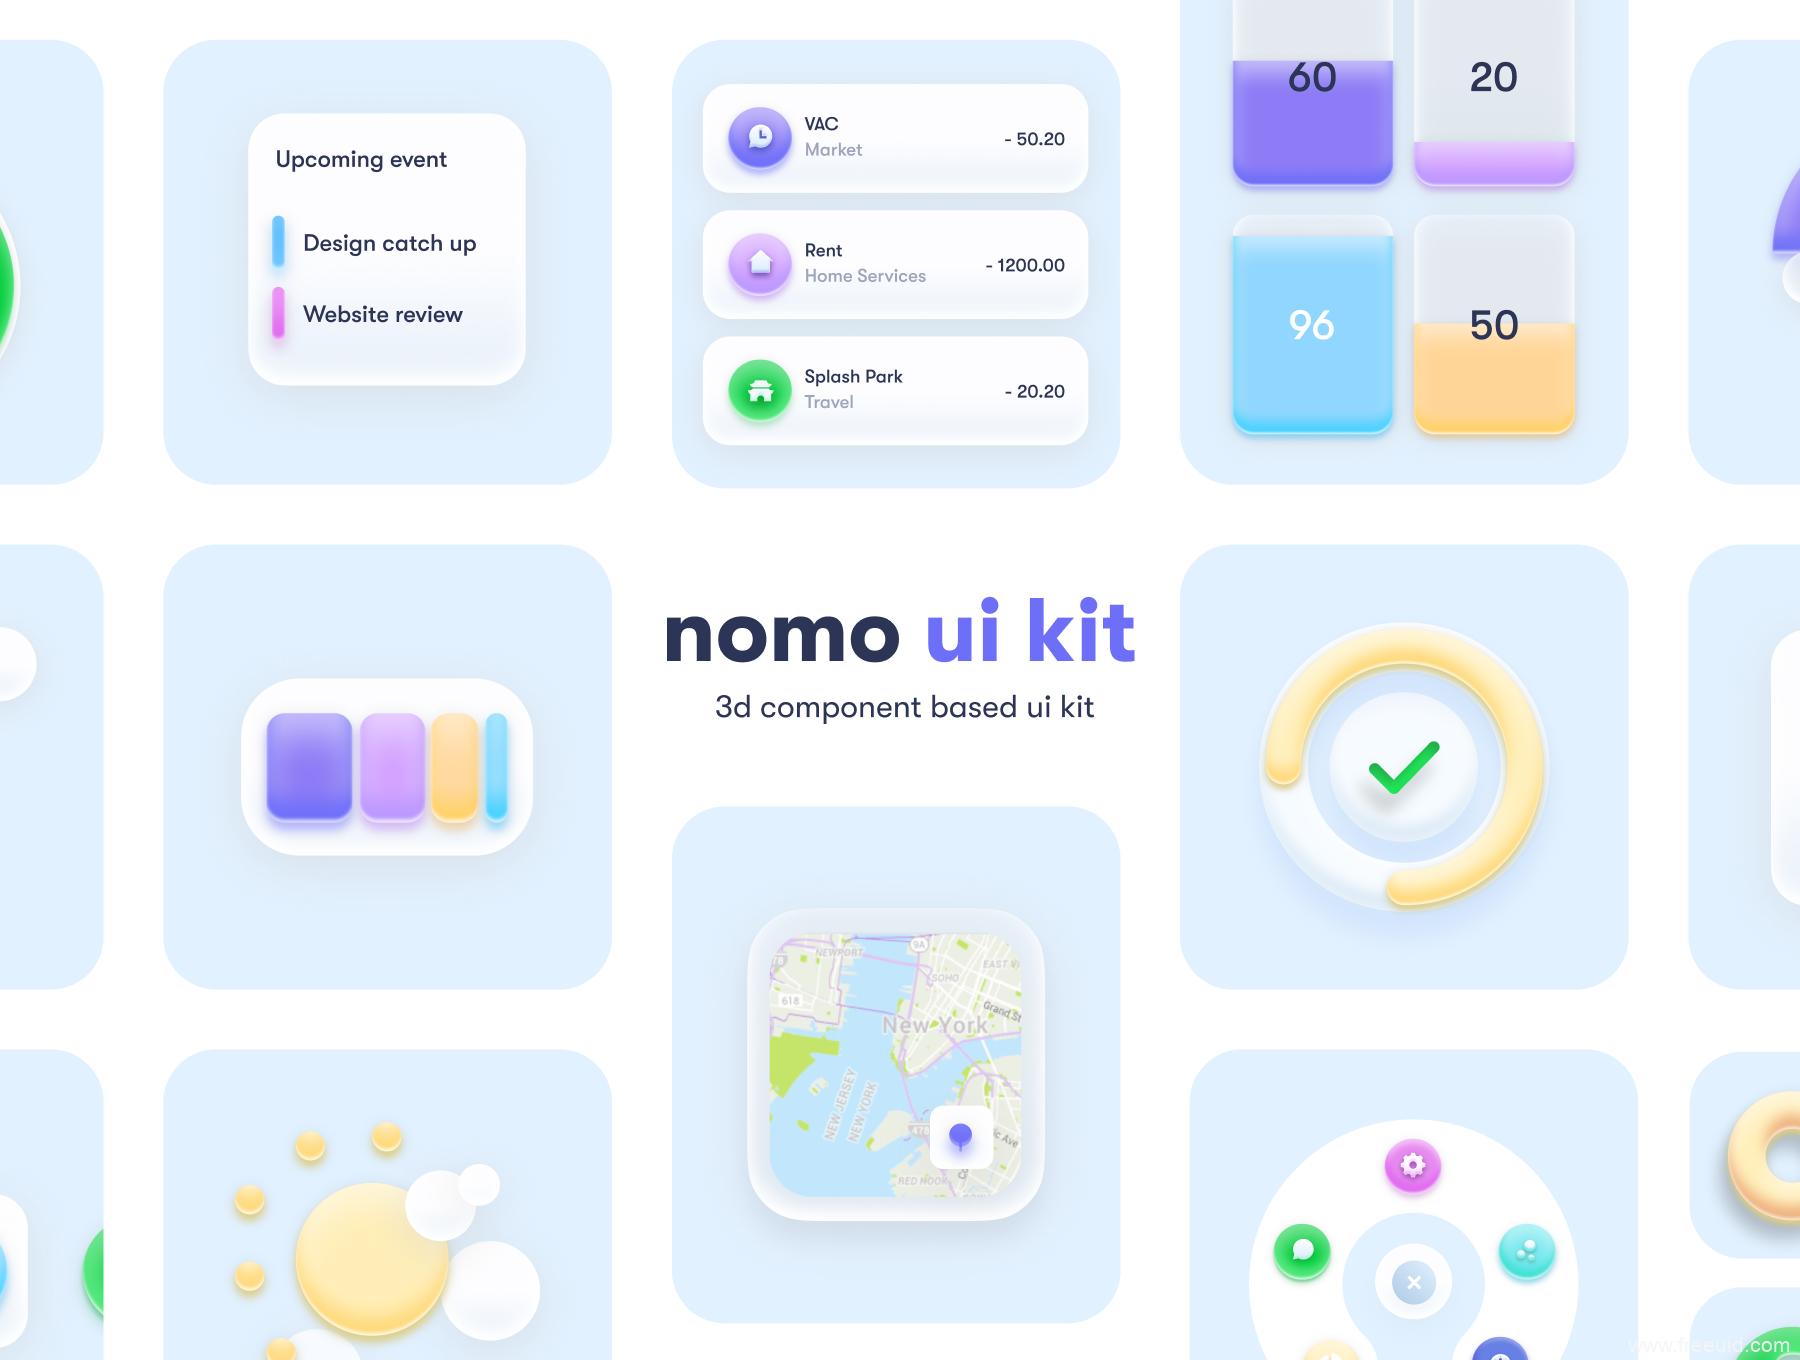 新拟物UI源文件,新拟态UI资源,轻质感UI kit,玻璃质感UI kit套装sketch源文件下载